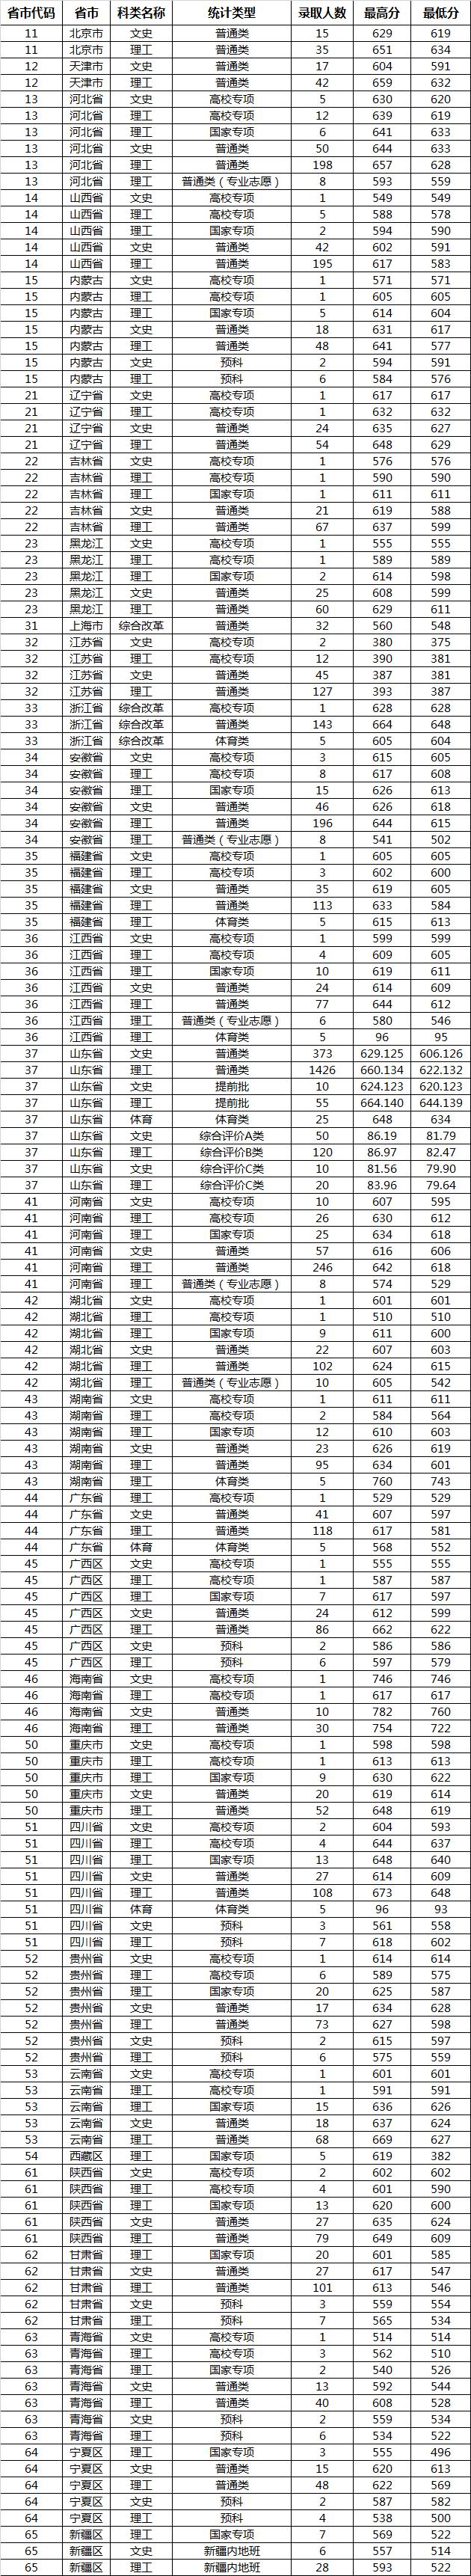 2020山东大学高考分数线_山东大学2020年高考各省录取分数线